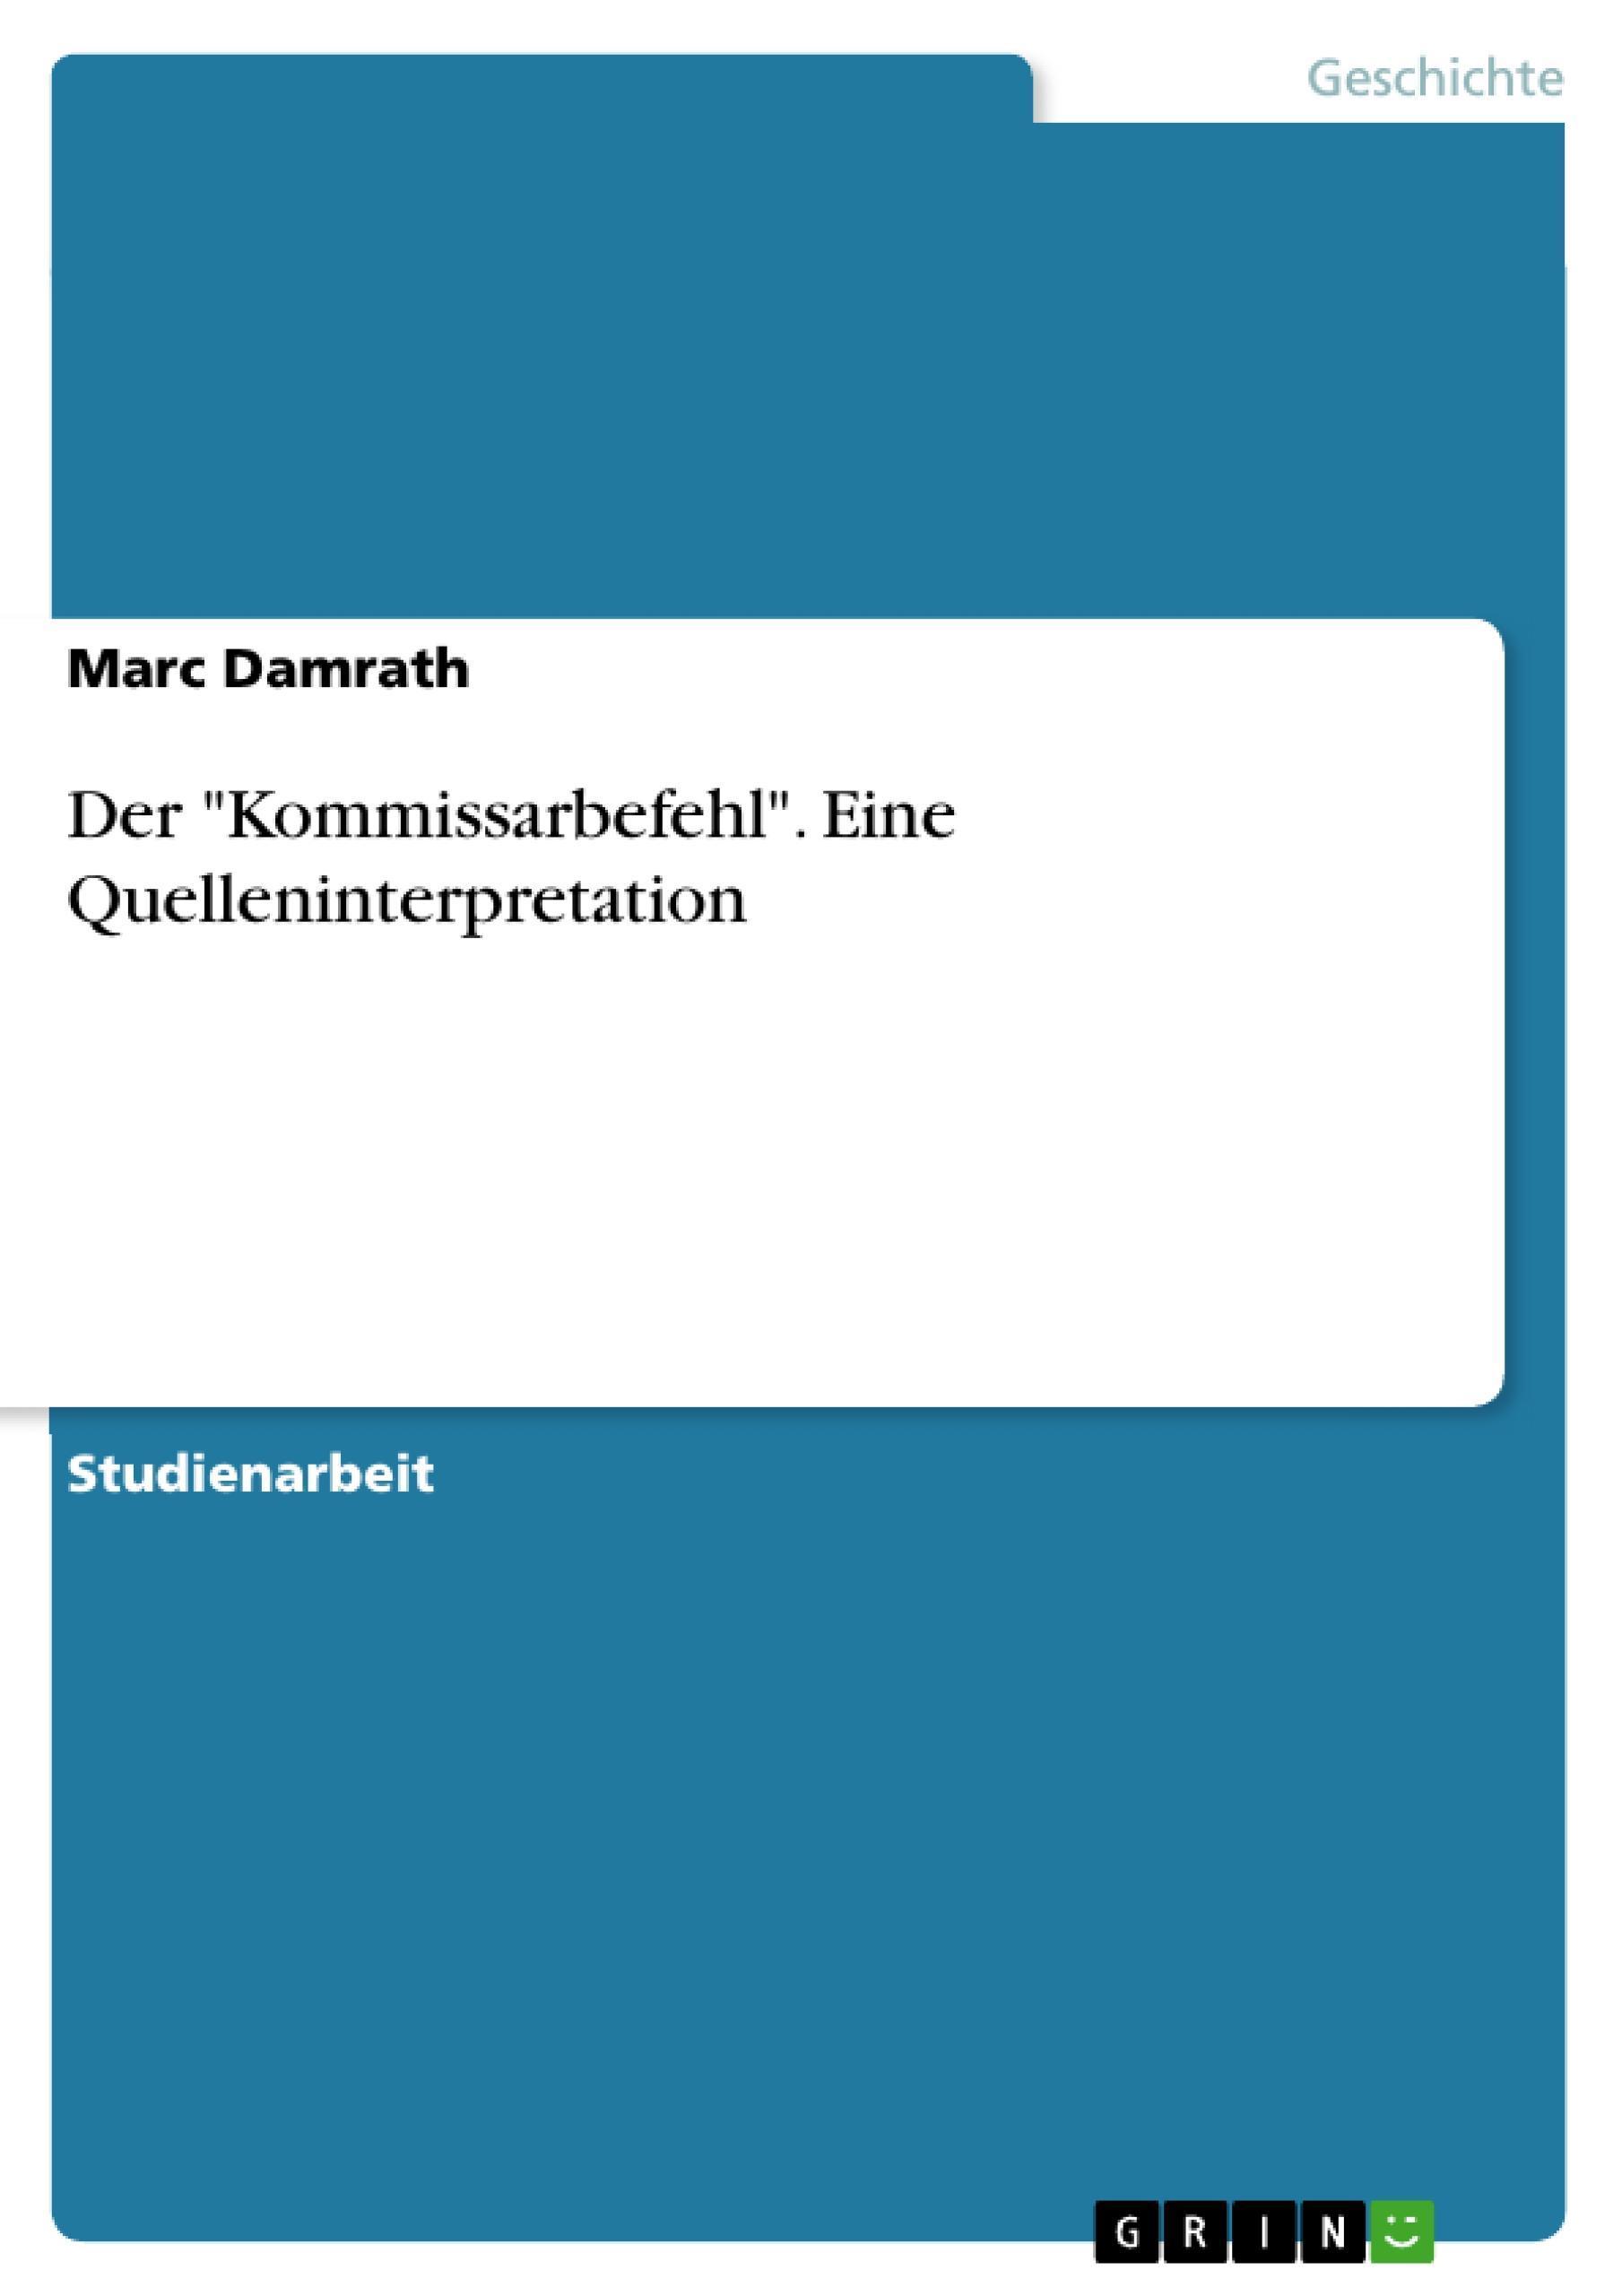 """Der """"""""Kommissarbefehl"""""""". Eine Quelleninterpretation Marc Damrath"""